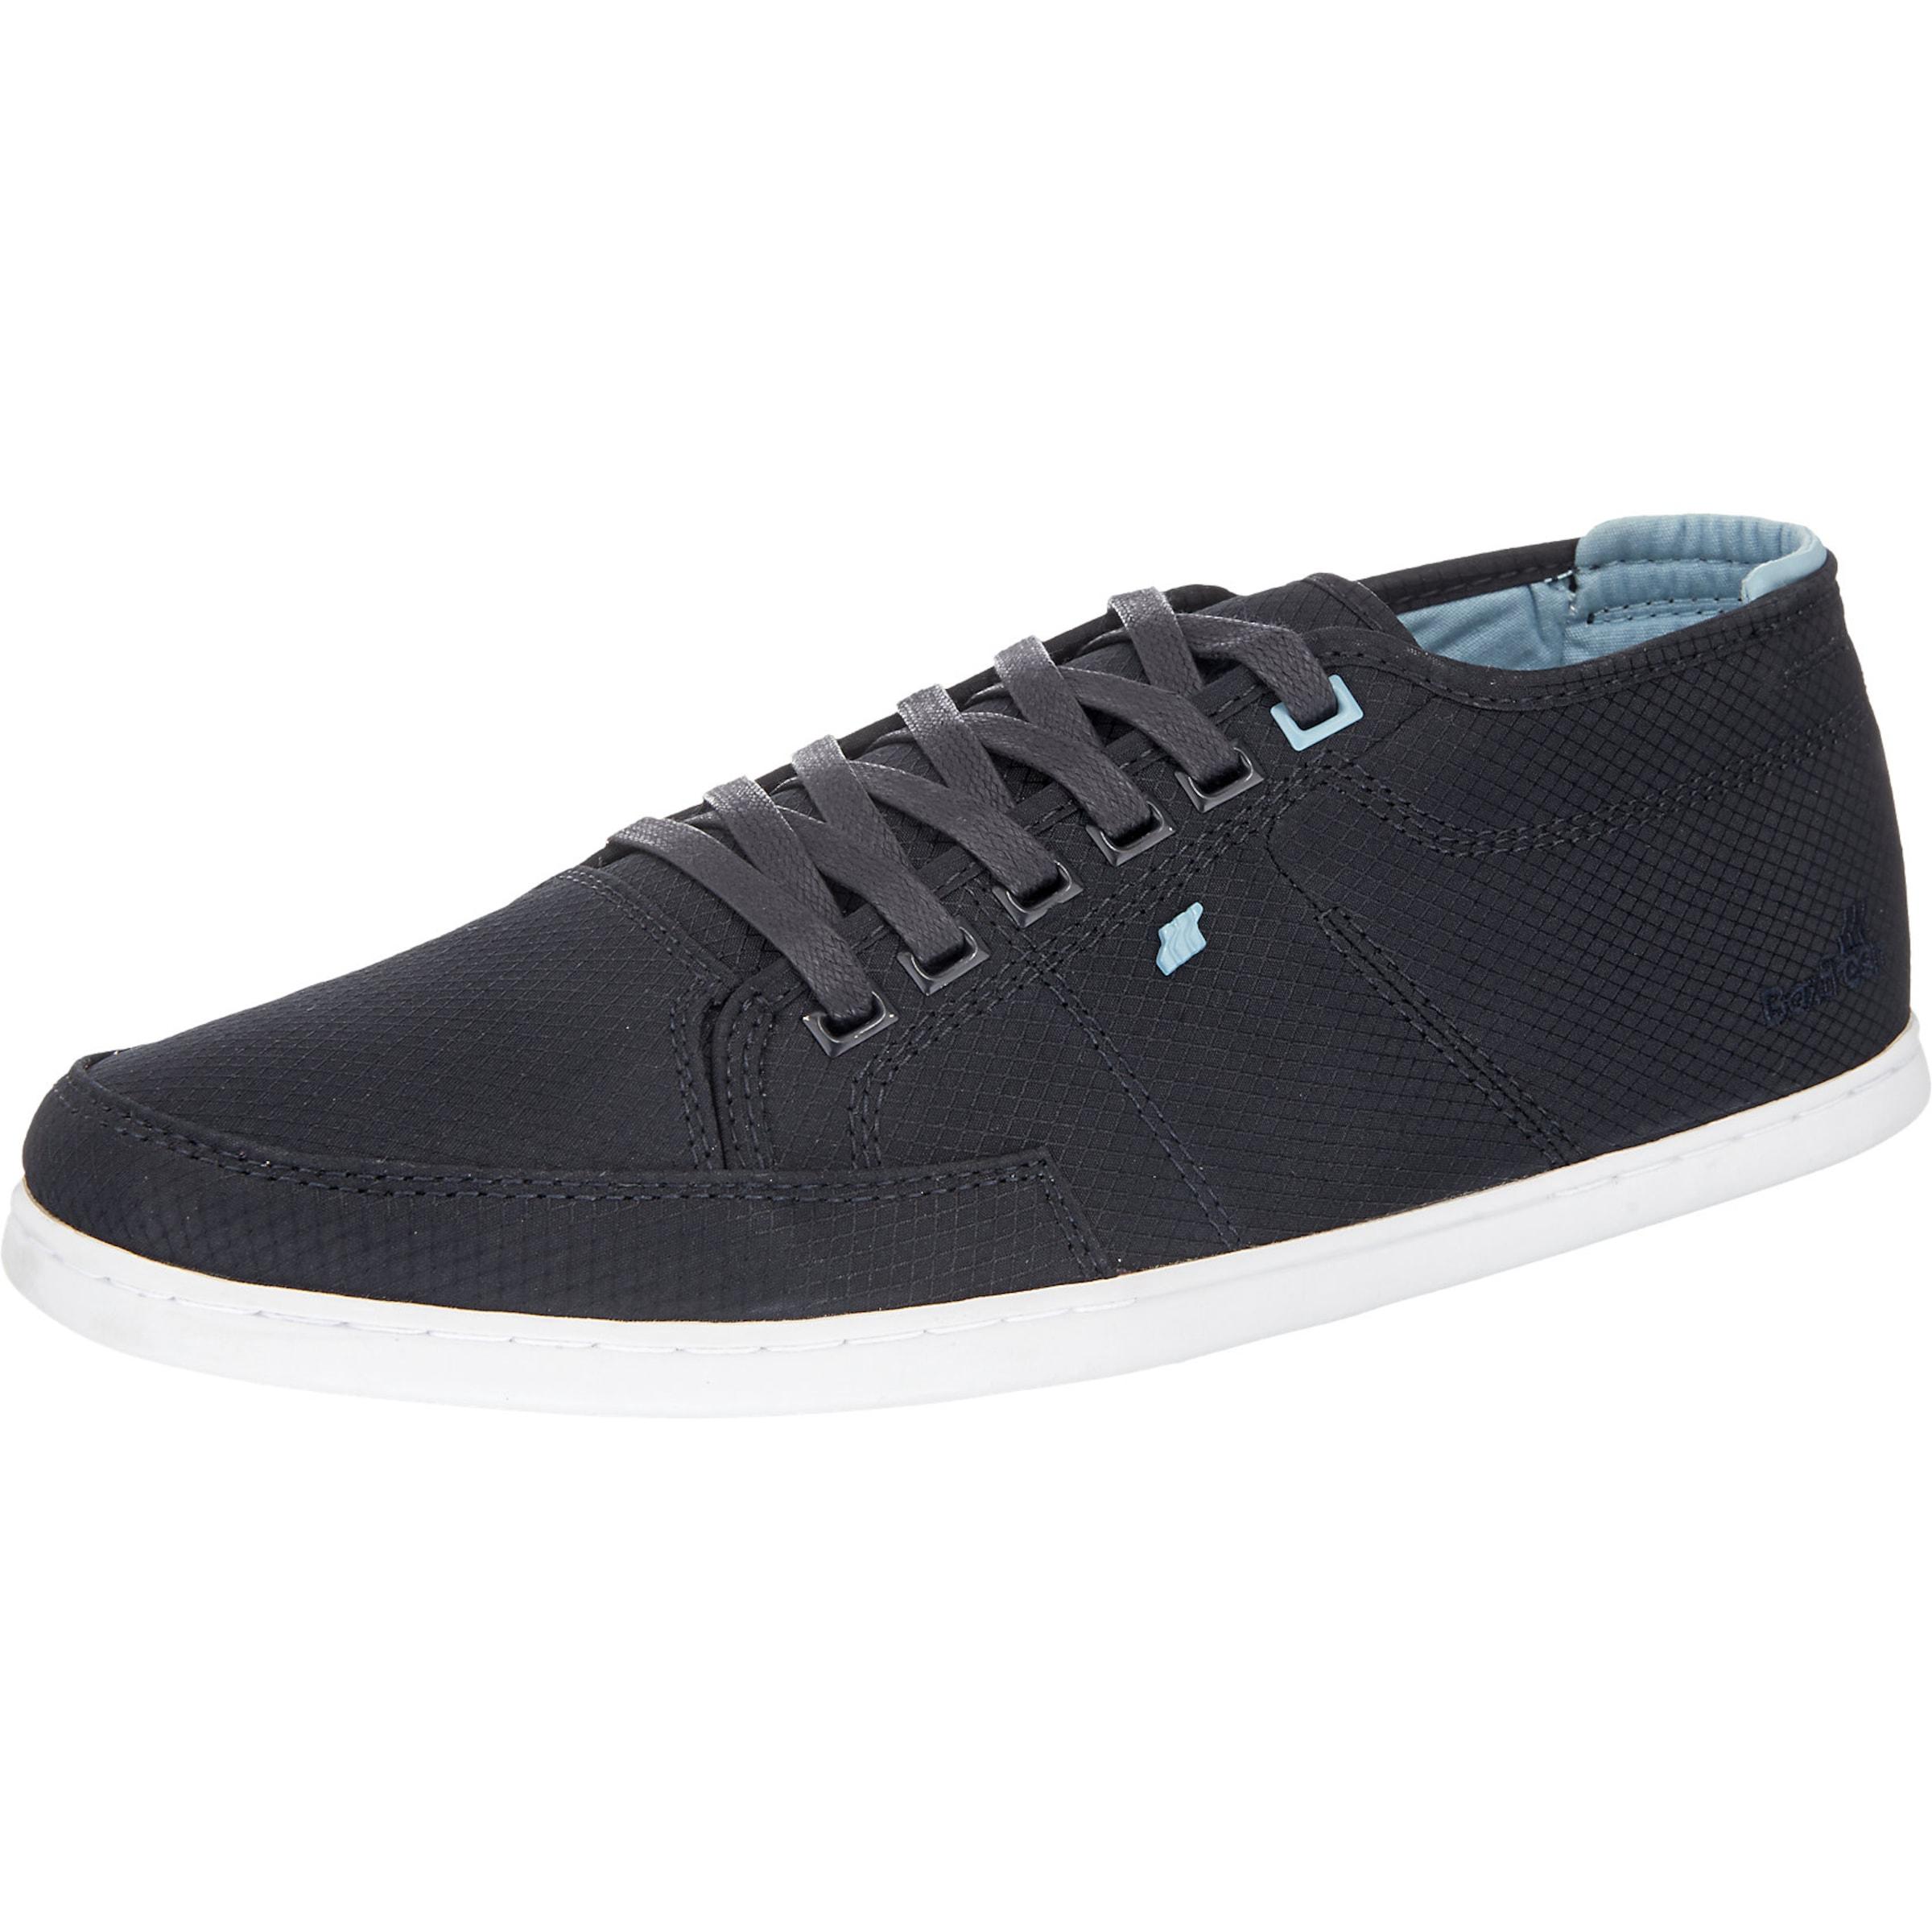 BOXFRESH Sneakers Sparko Verschleißfeste billige Schuhe